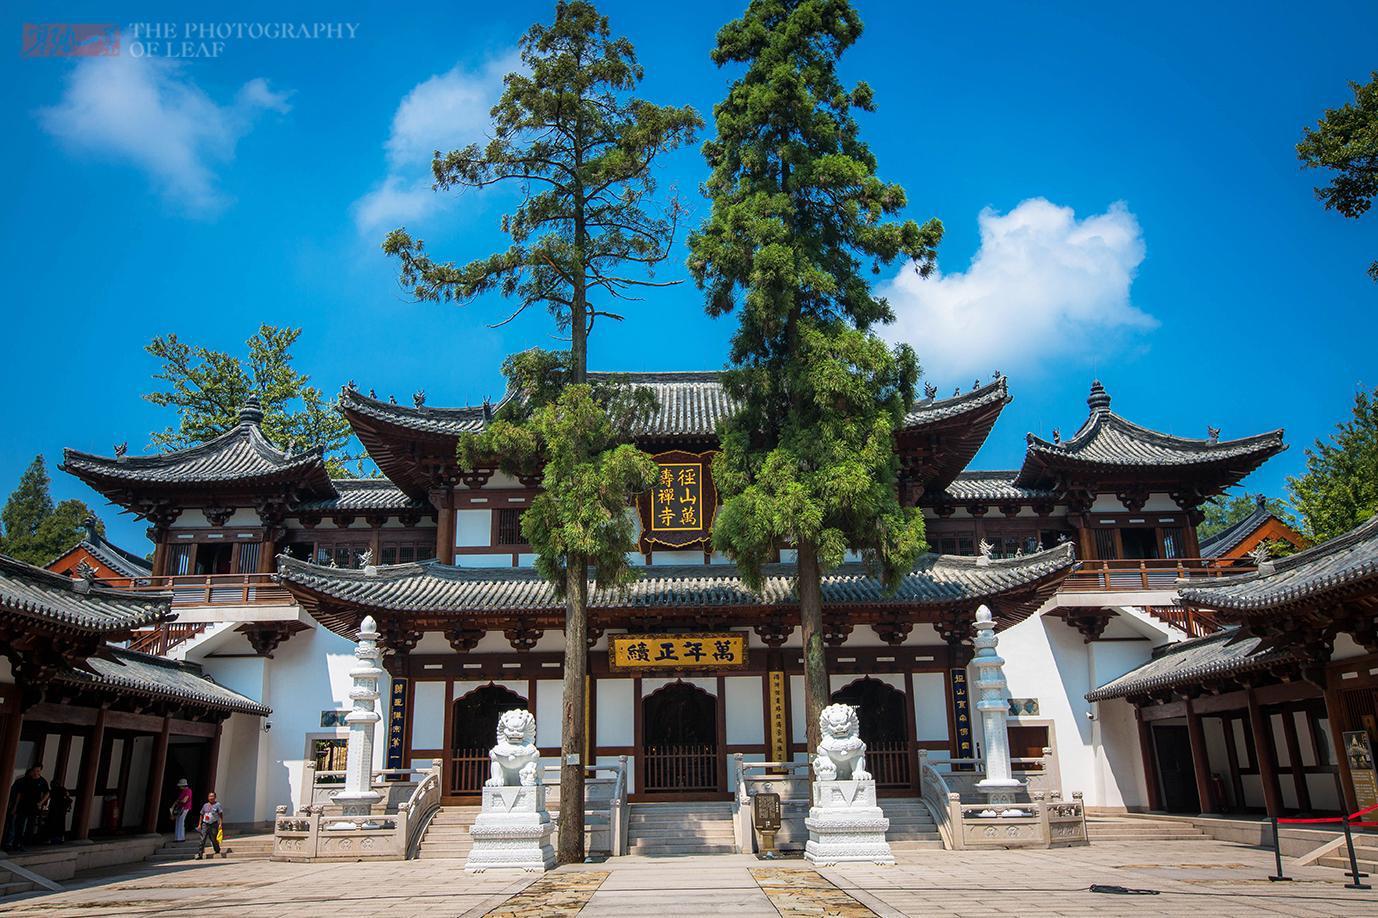 江南五大禅寺之首,不是灵隐寺、净慈寺而是这座,日本禅宗发祥地